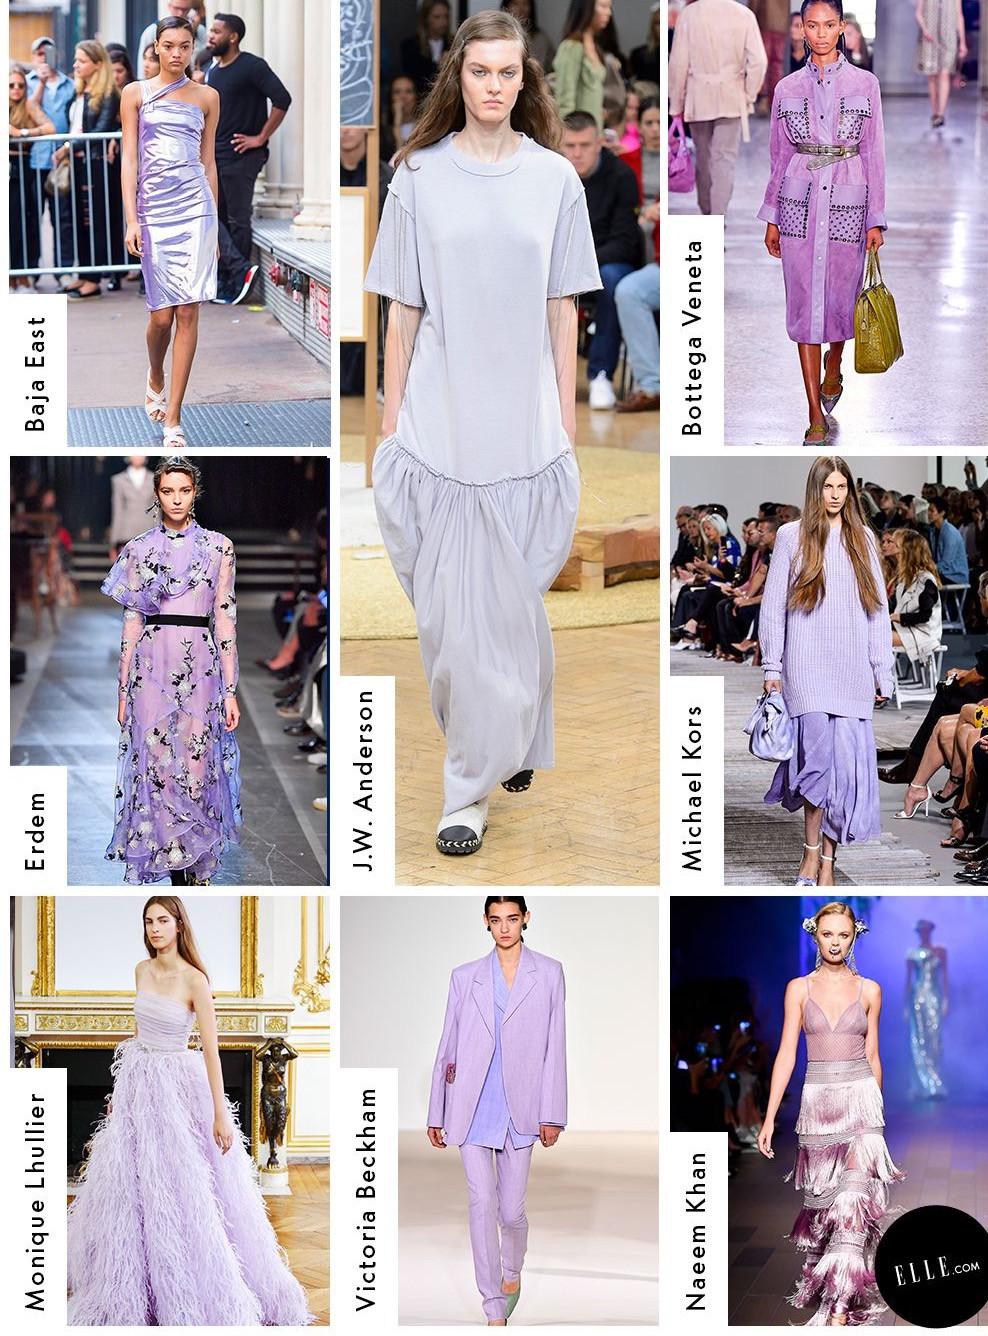 Lavender color for Spring-Elle.com